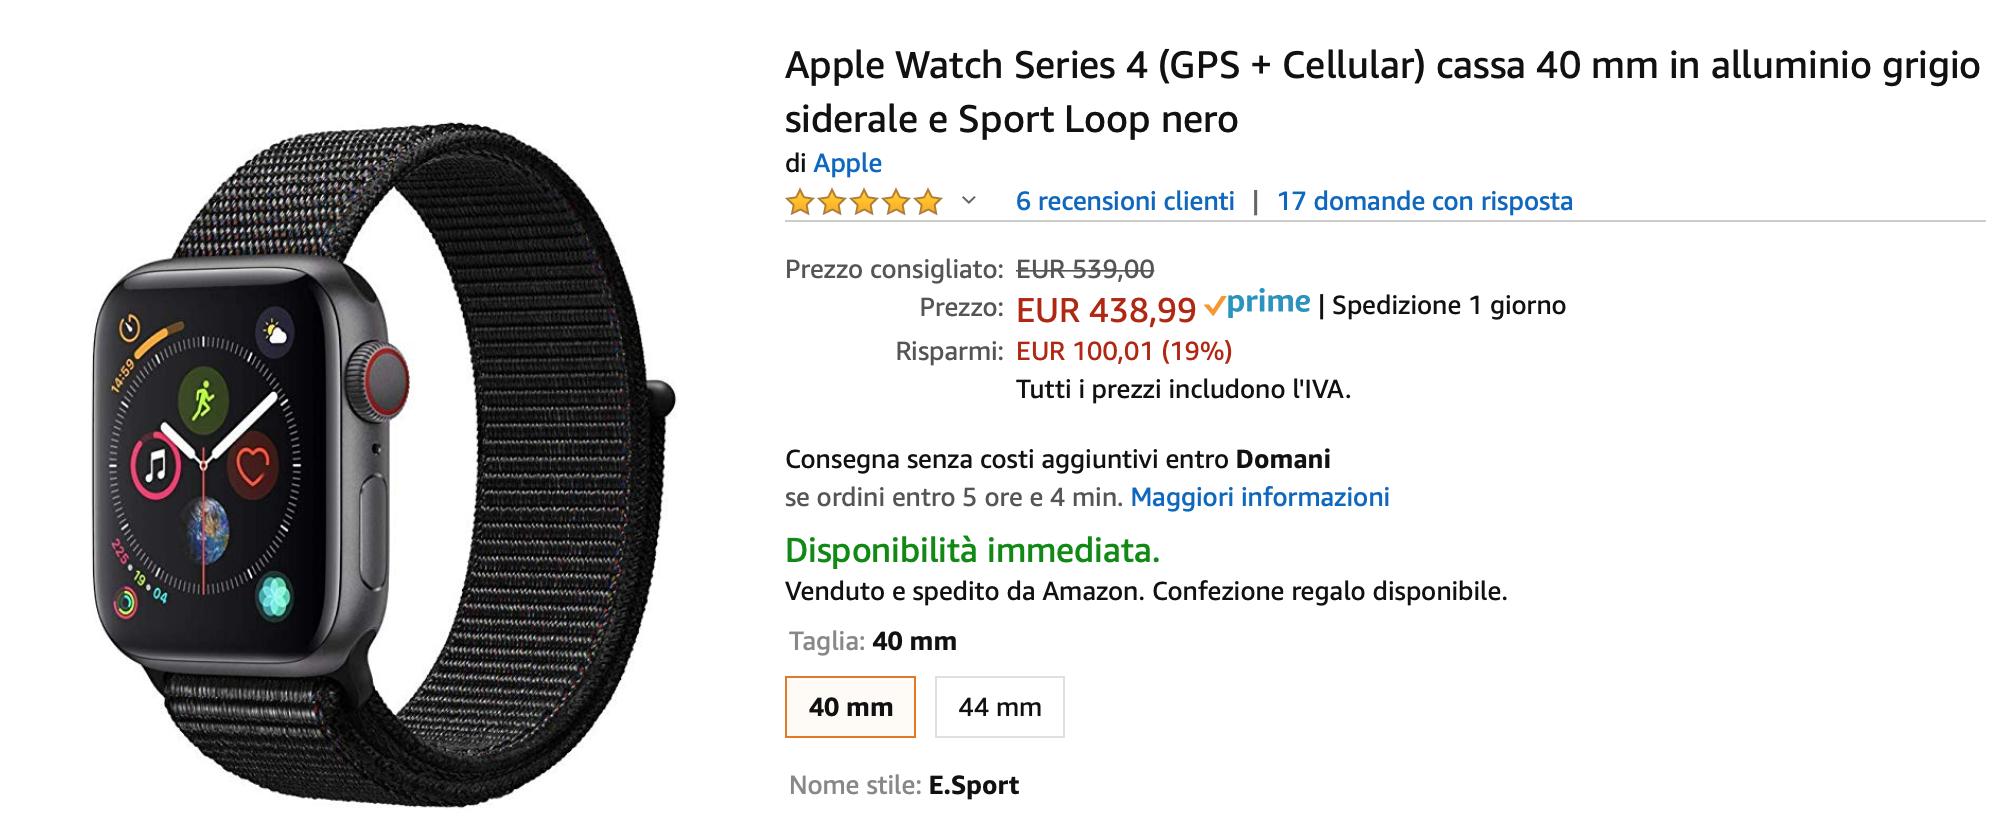 Sconto Apple Watch 3 su Amazon: prezzo da 256 Euro